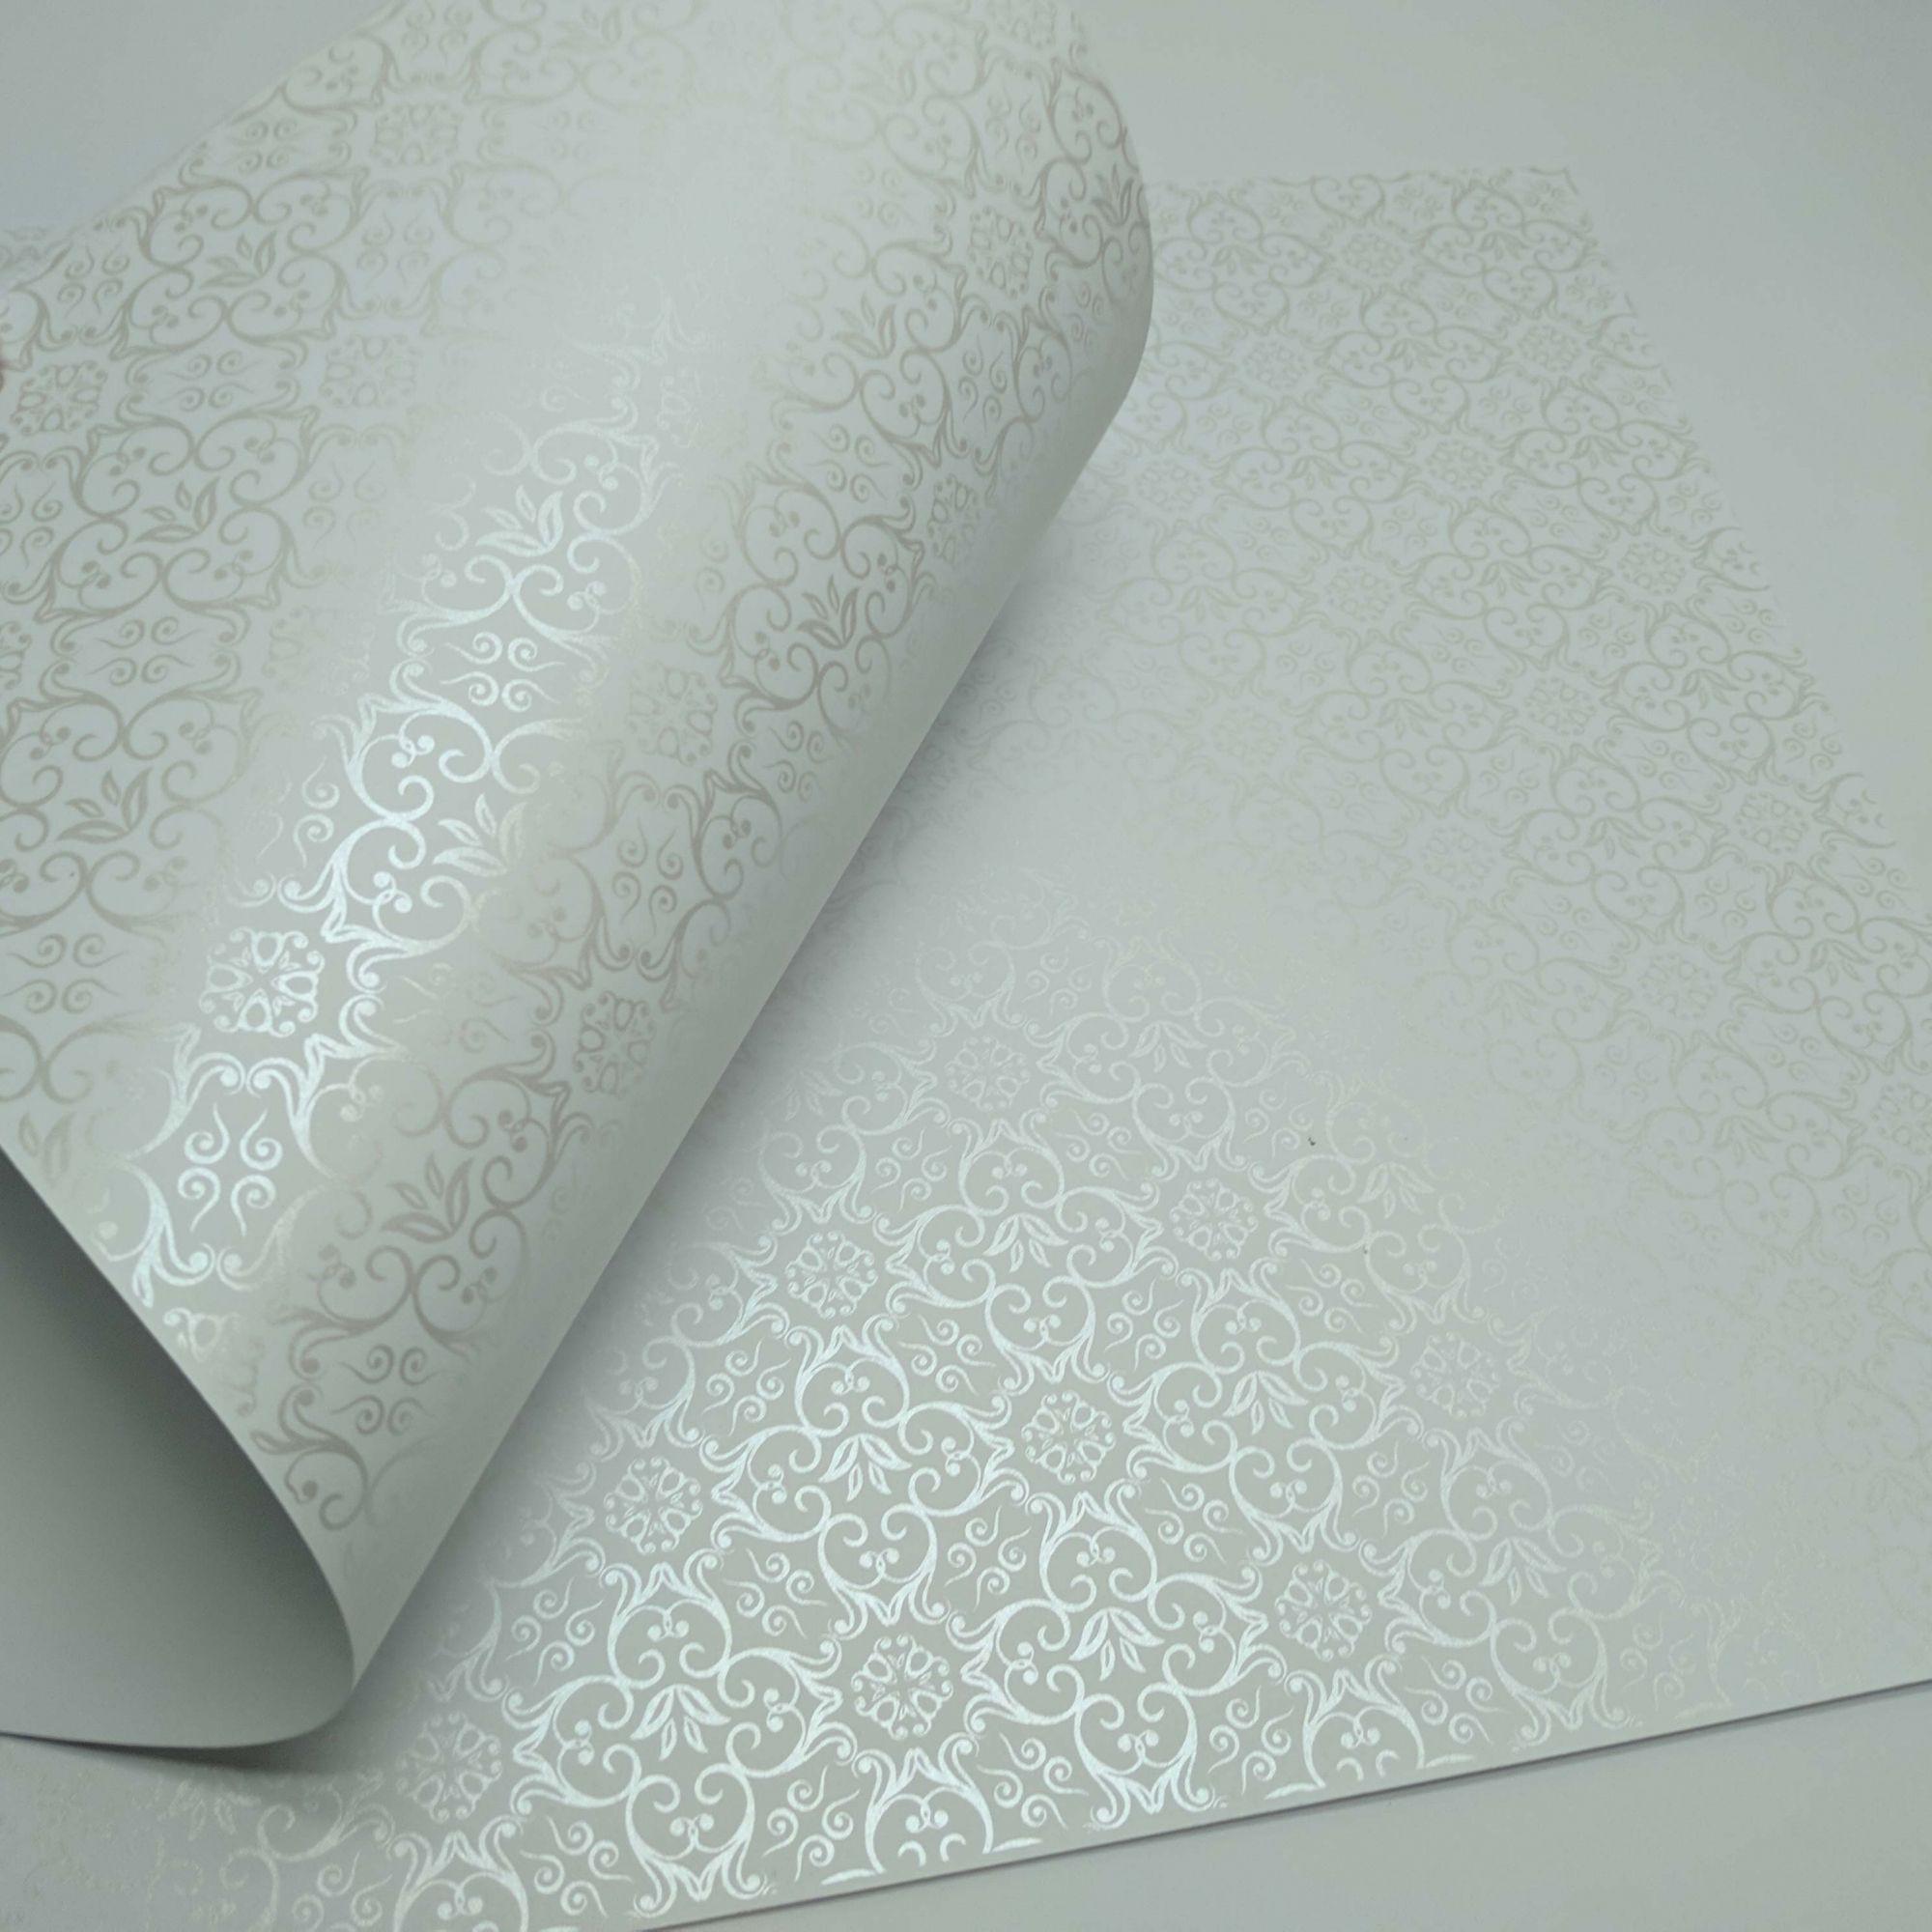 Papel Adamascado - Branco com Pérola - Tam. 47x65cm - 180g/m²